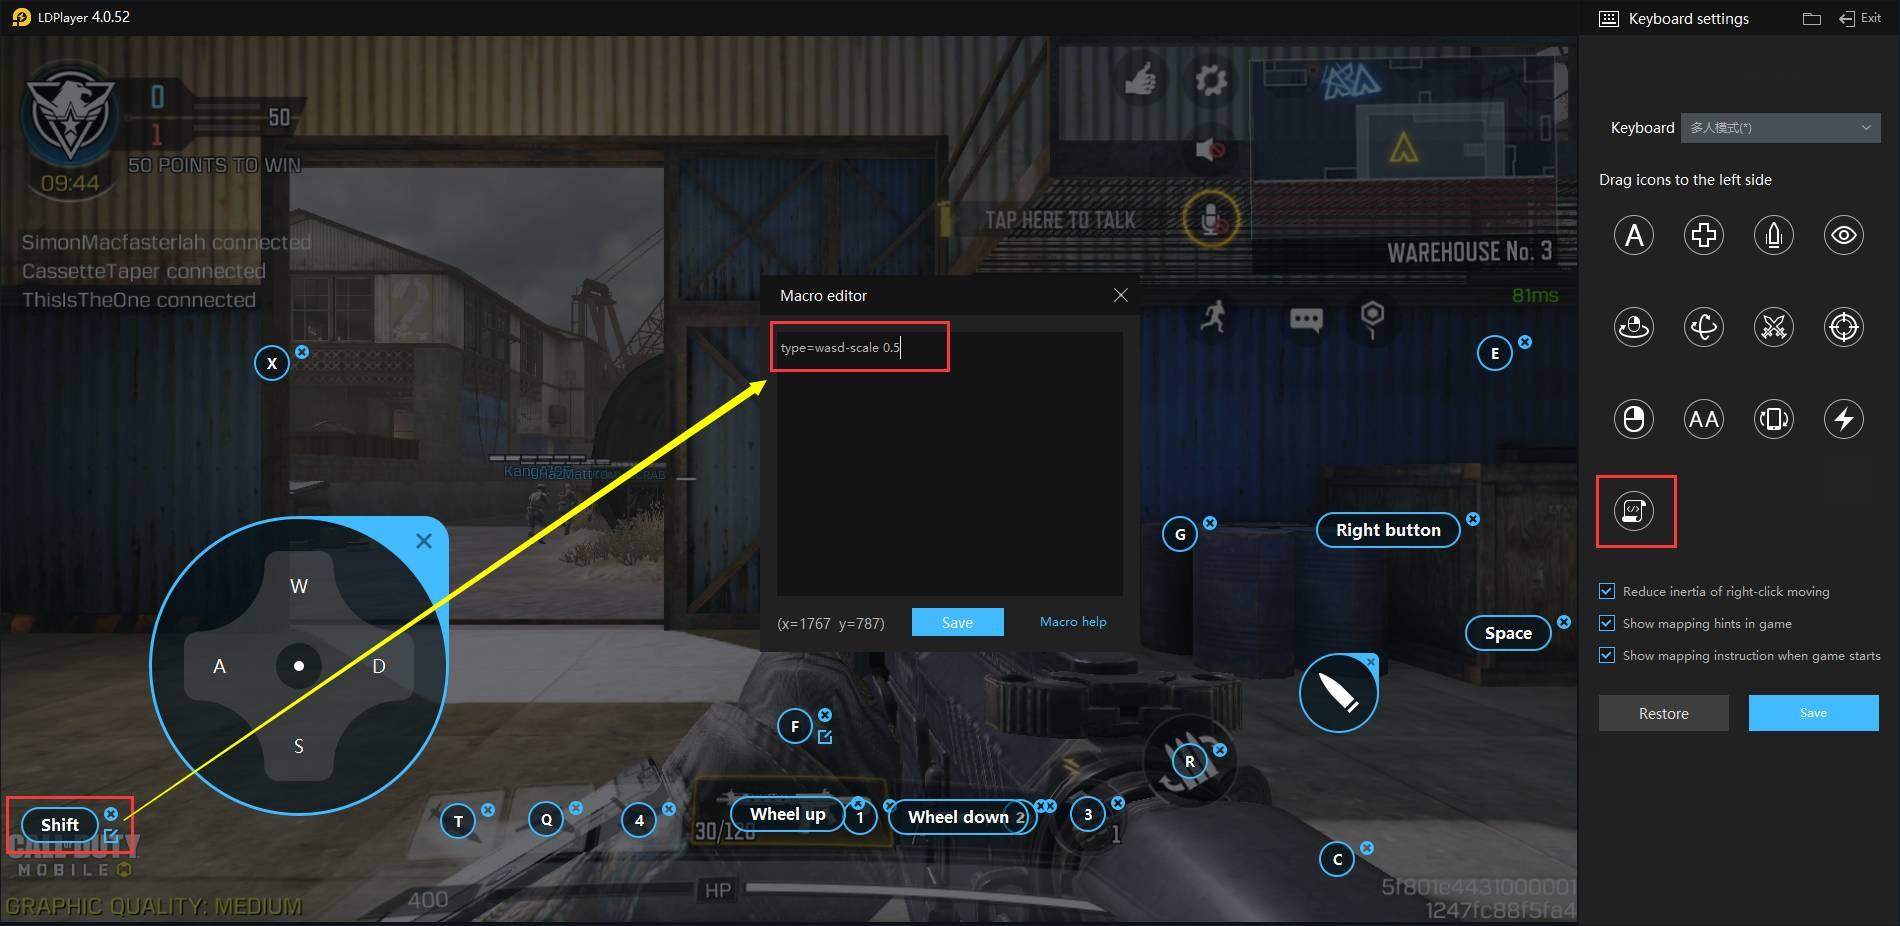 Dica-Função de andar lentamente no jogo《COD》,《PUBG Mobile》,《Standoff 2》e outros jogos